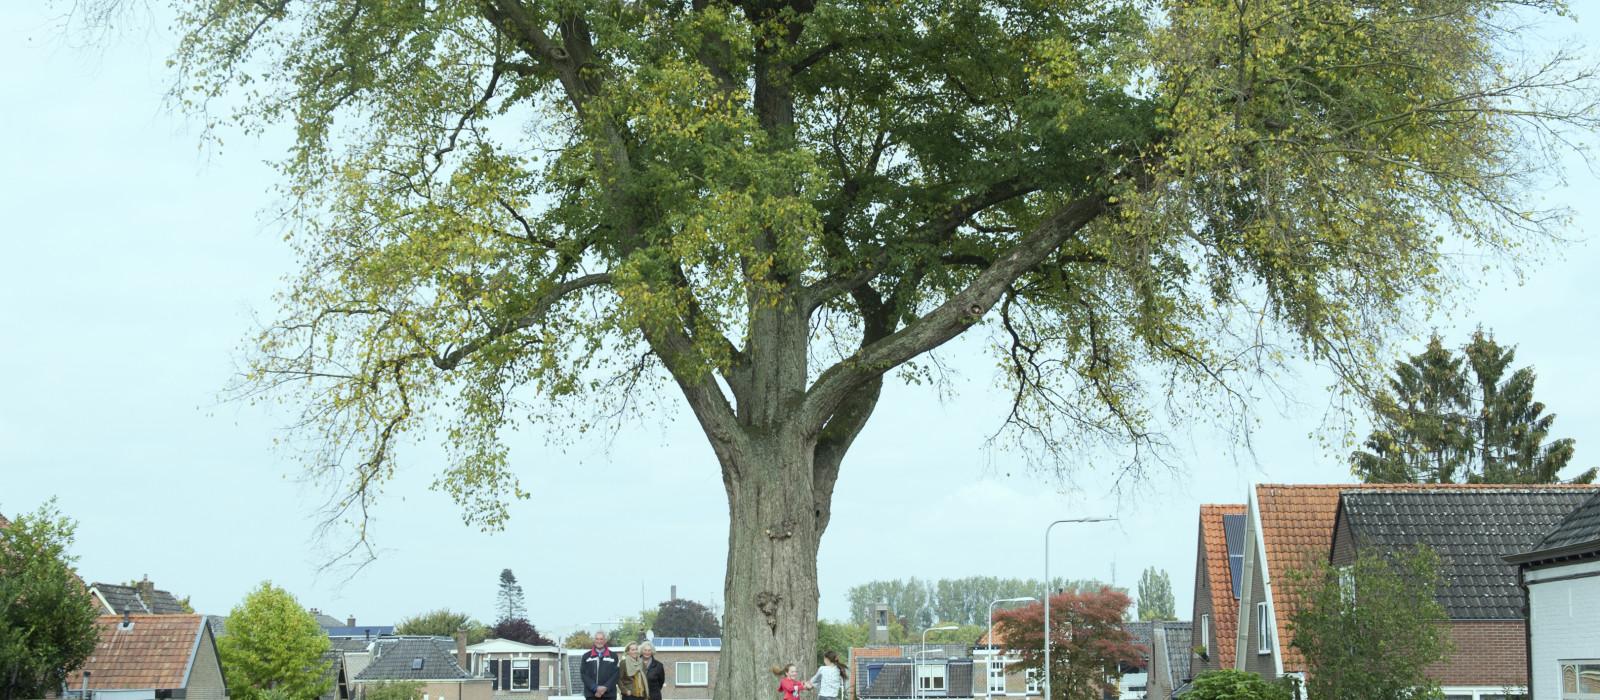 Speelpleinboom vol verhalen